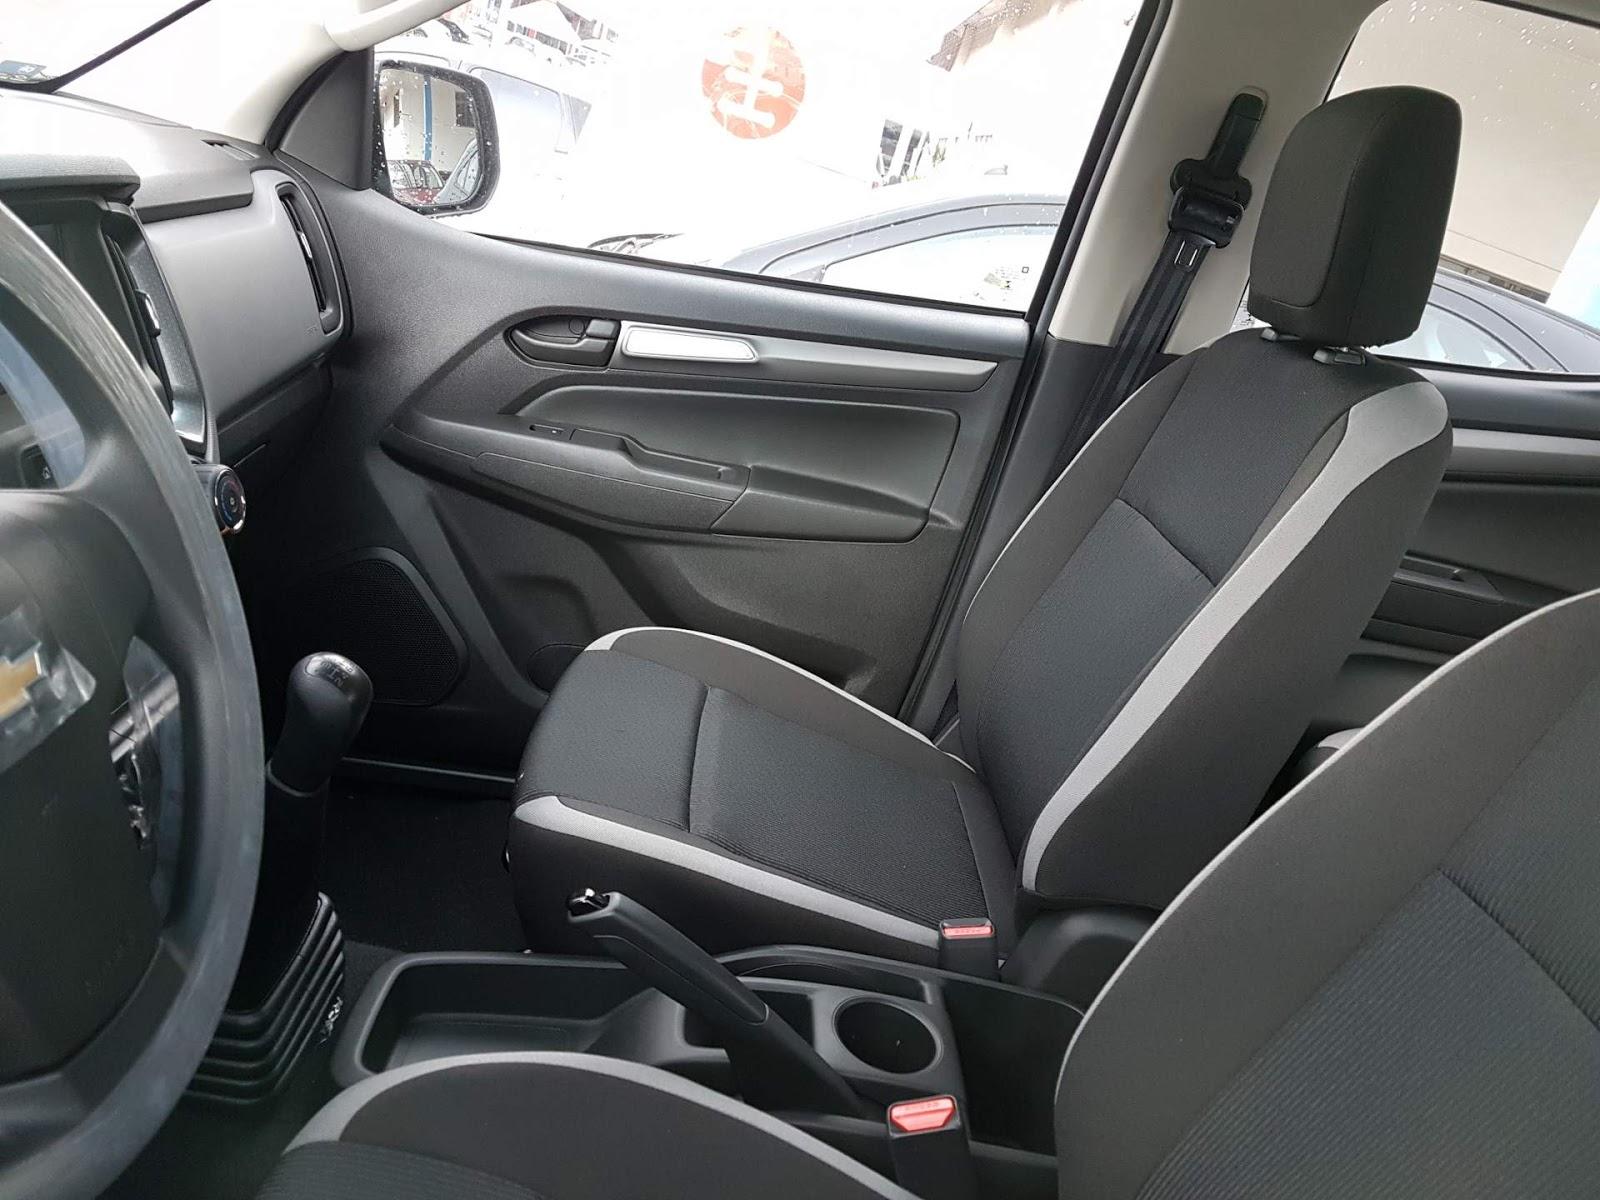 S10 Advantage - interior, bancos dianteiros